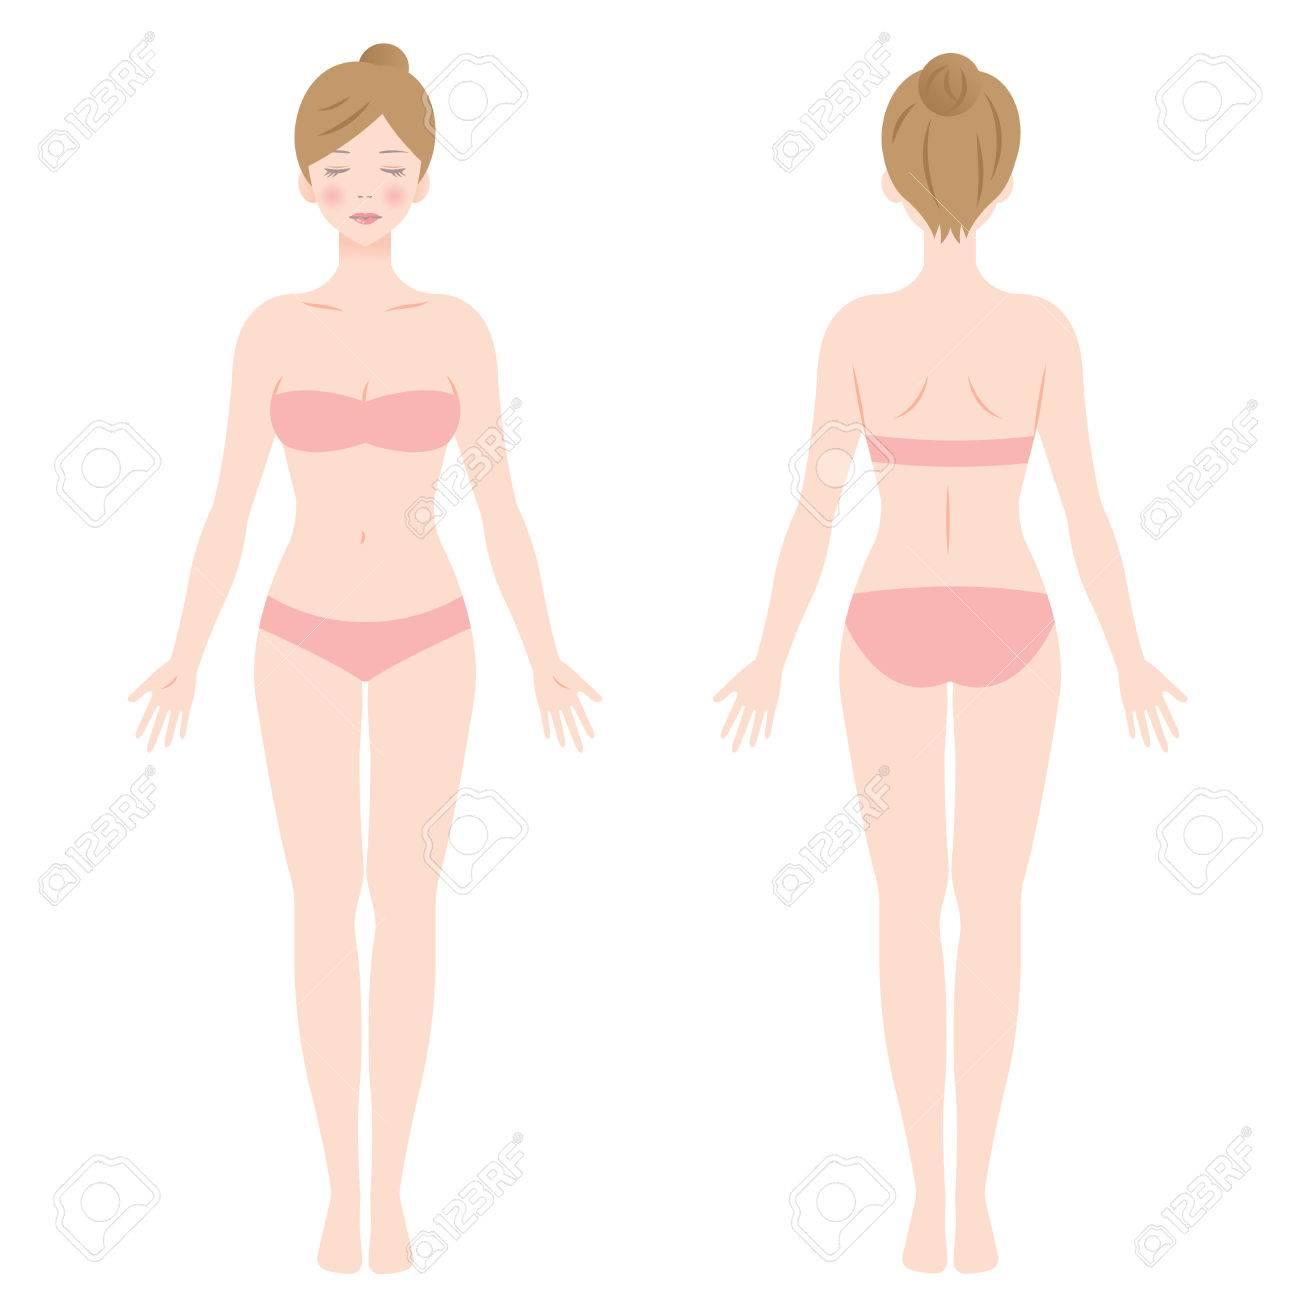 Vrouwelijk lichaam. voor en achteraanzicht. Geïsoleerde vectorillustratie.